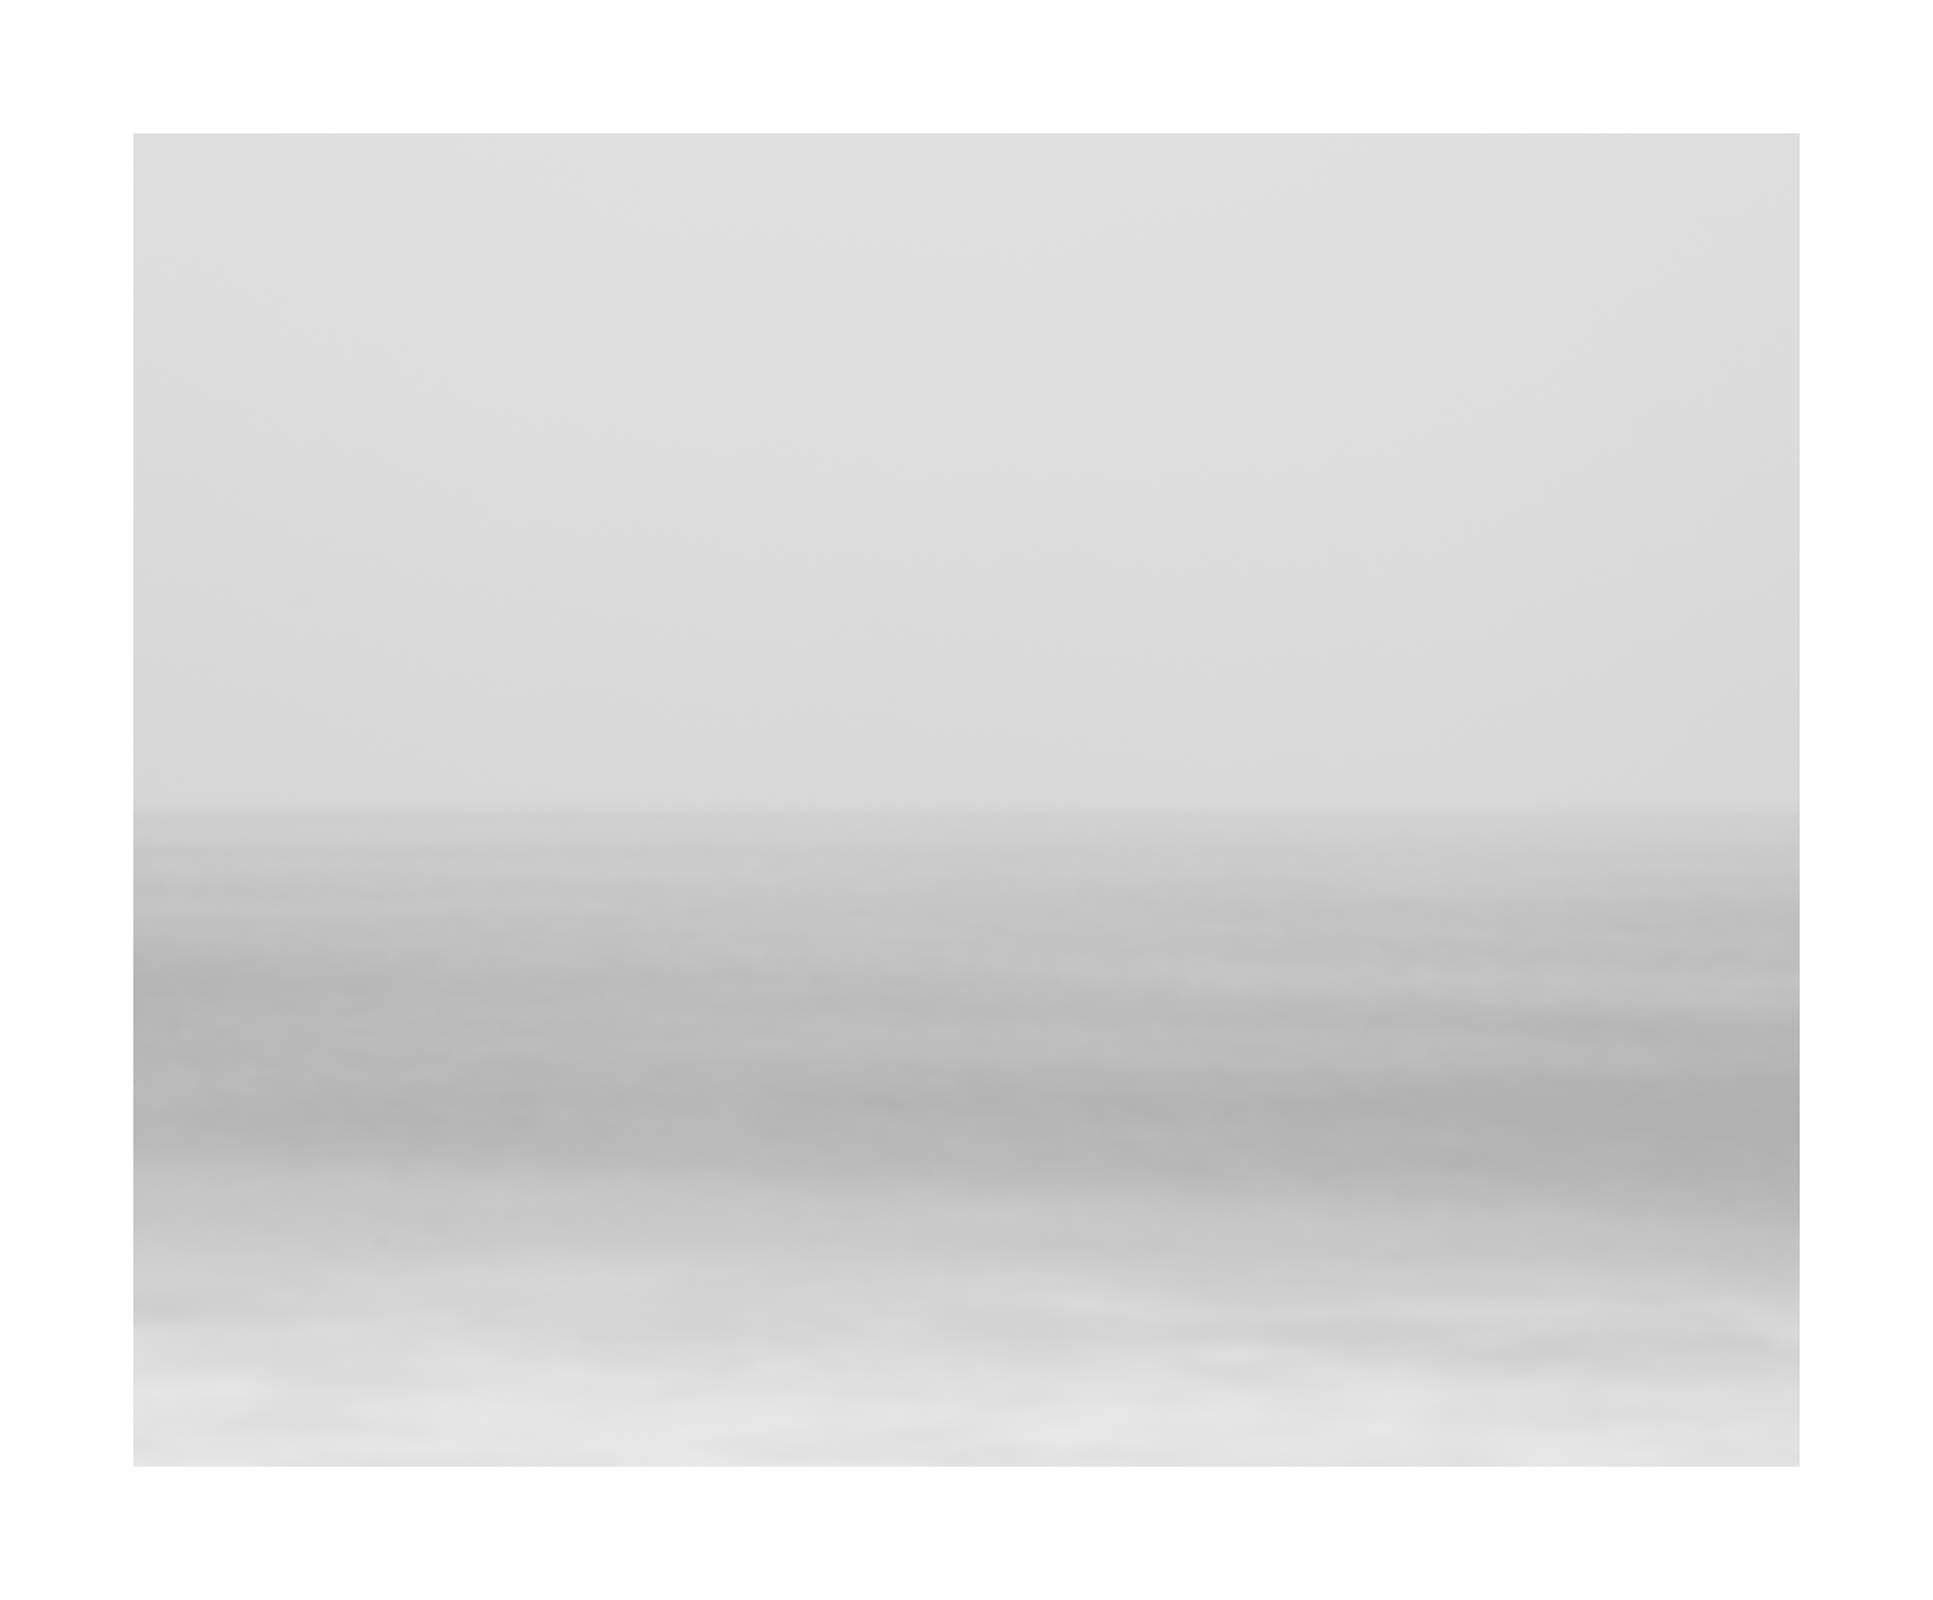 Seascape, Lofoten